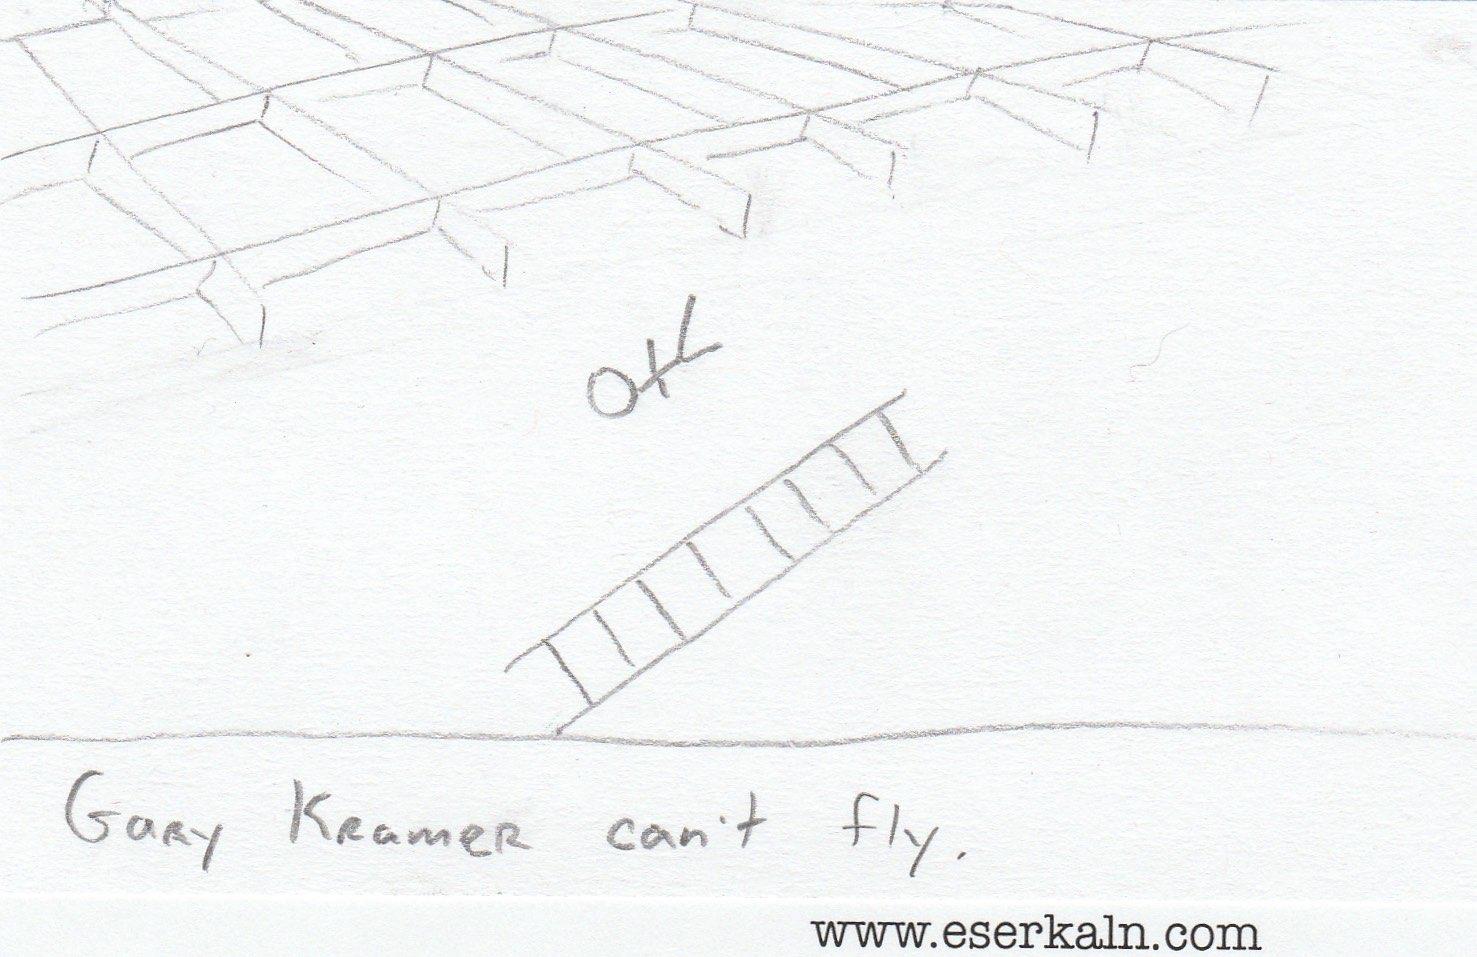 Gary Kramer Can't Fly